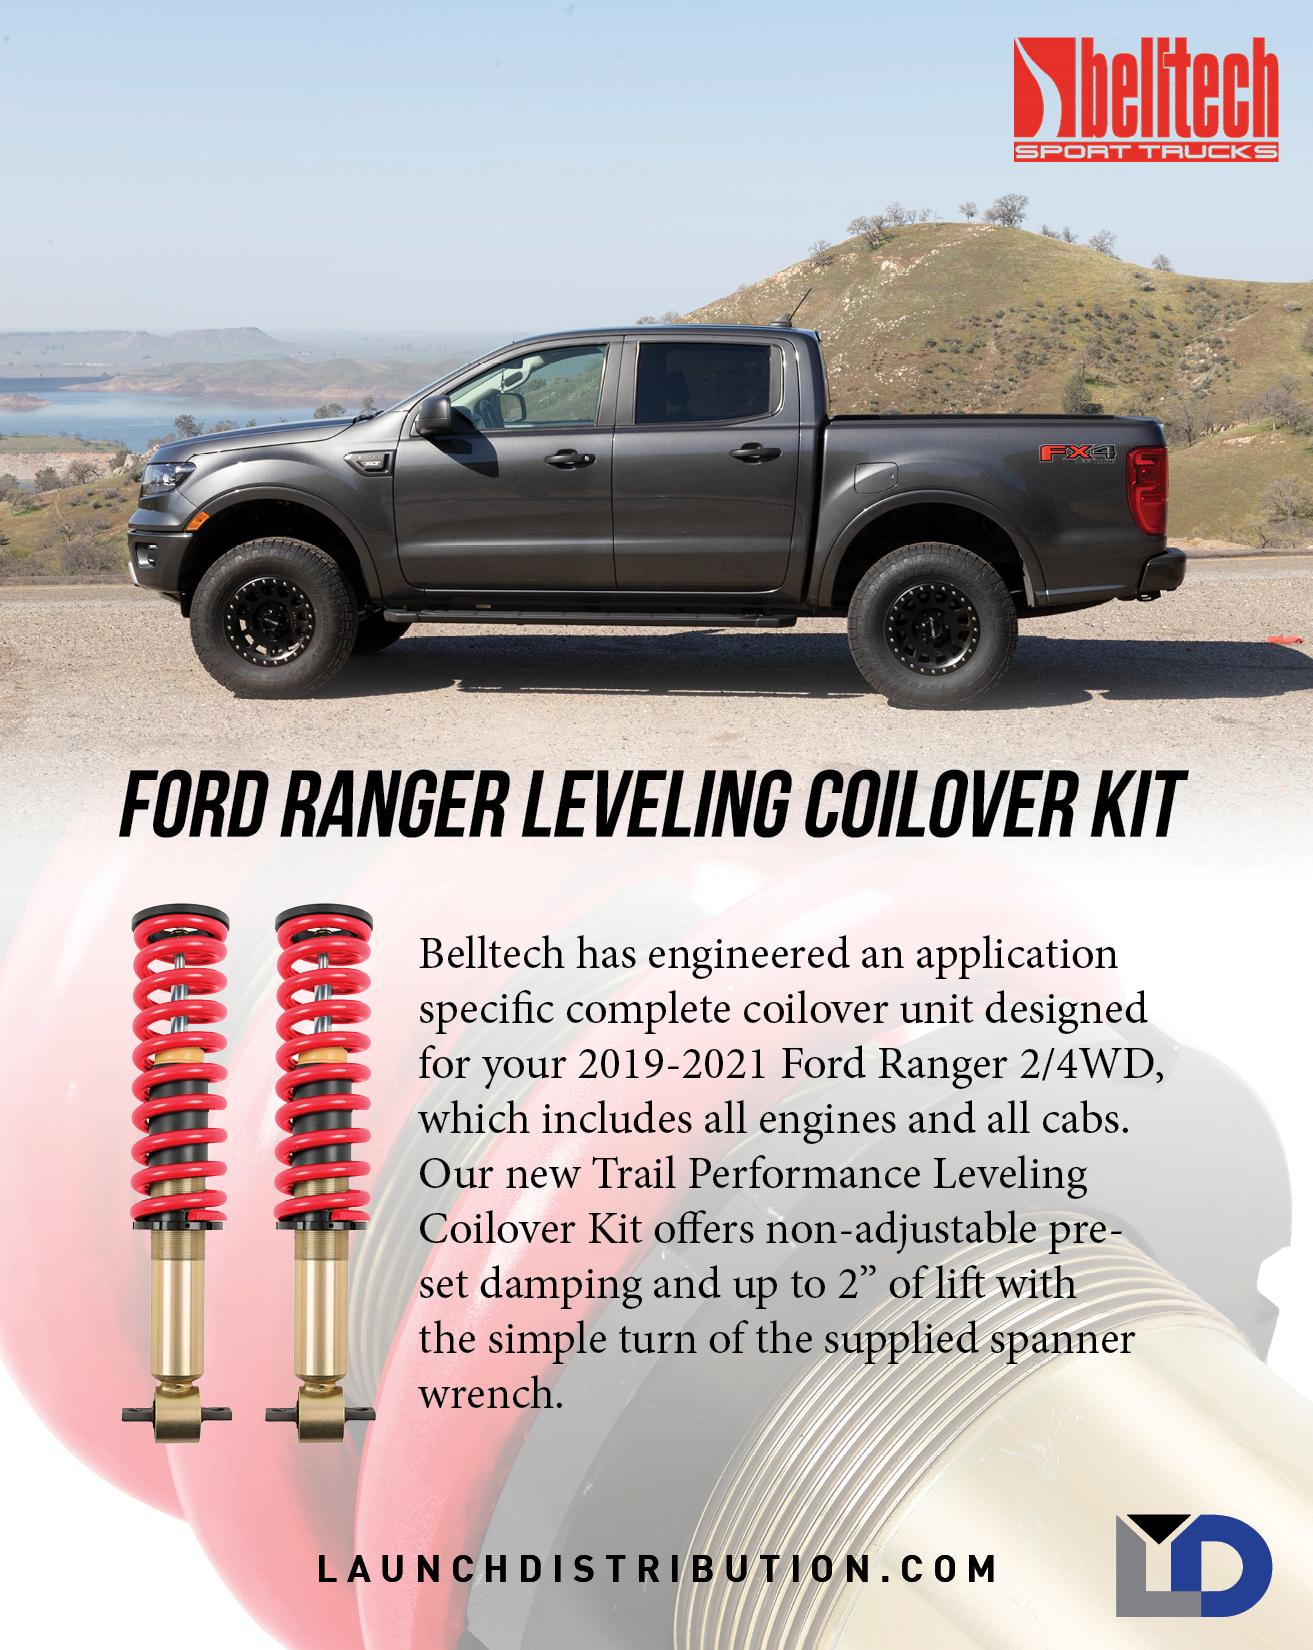 Belltech Leveling Coilover Kit for Ford Ranger